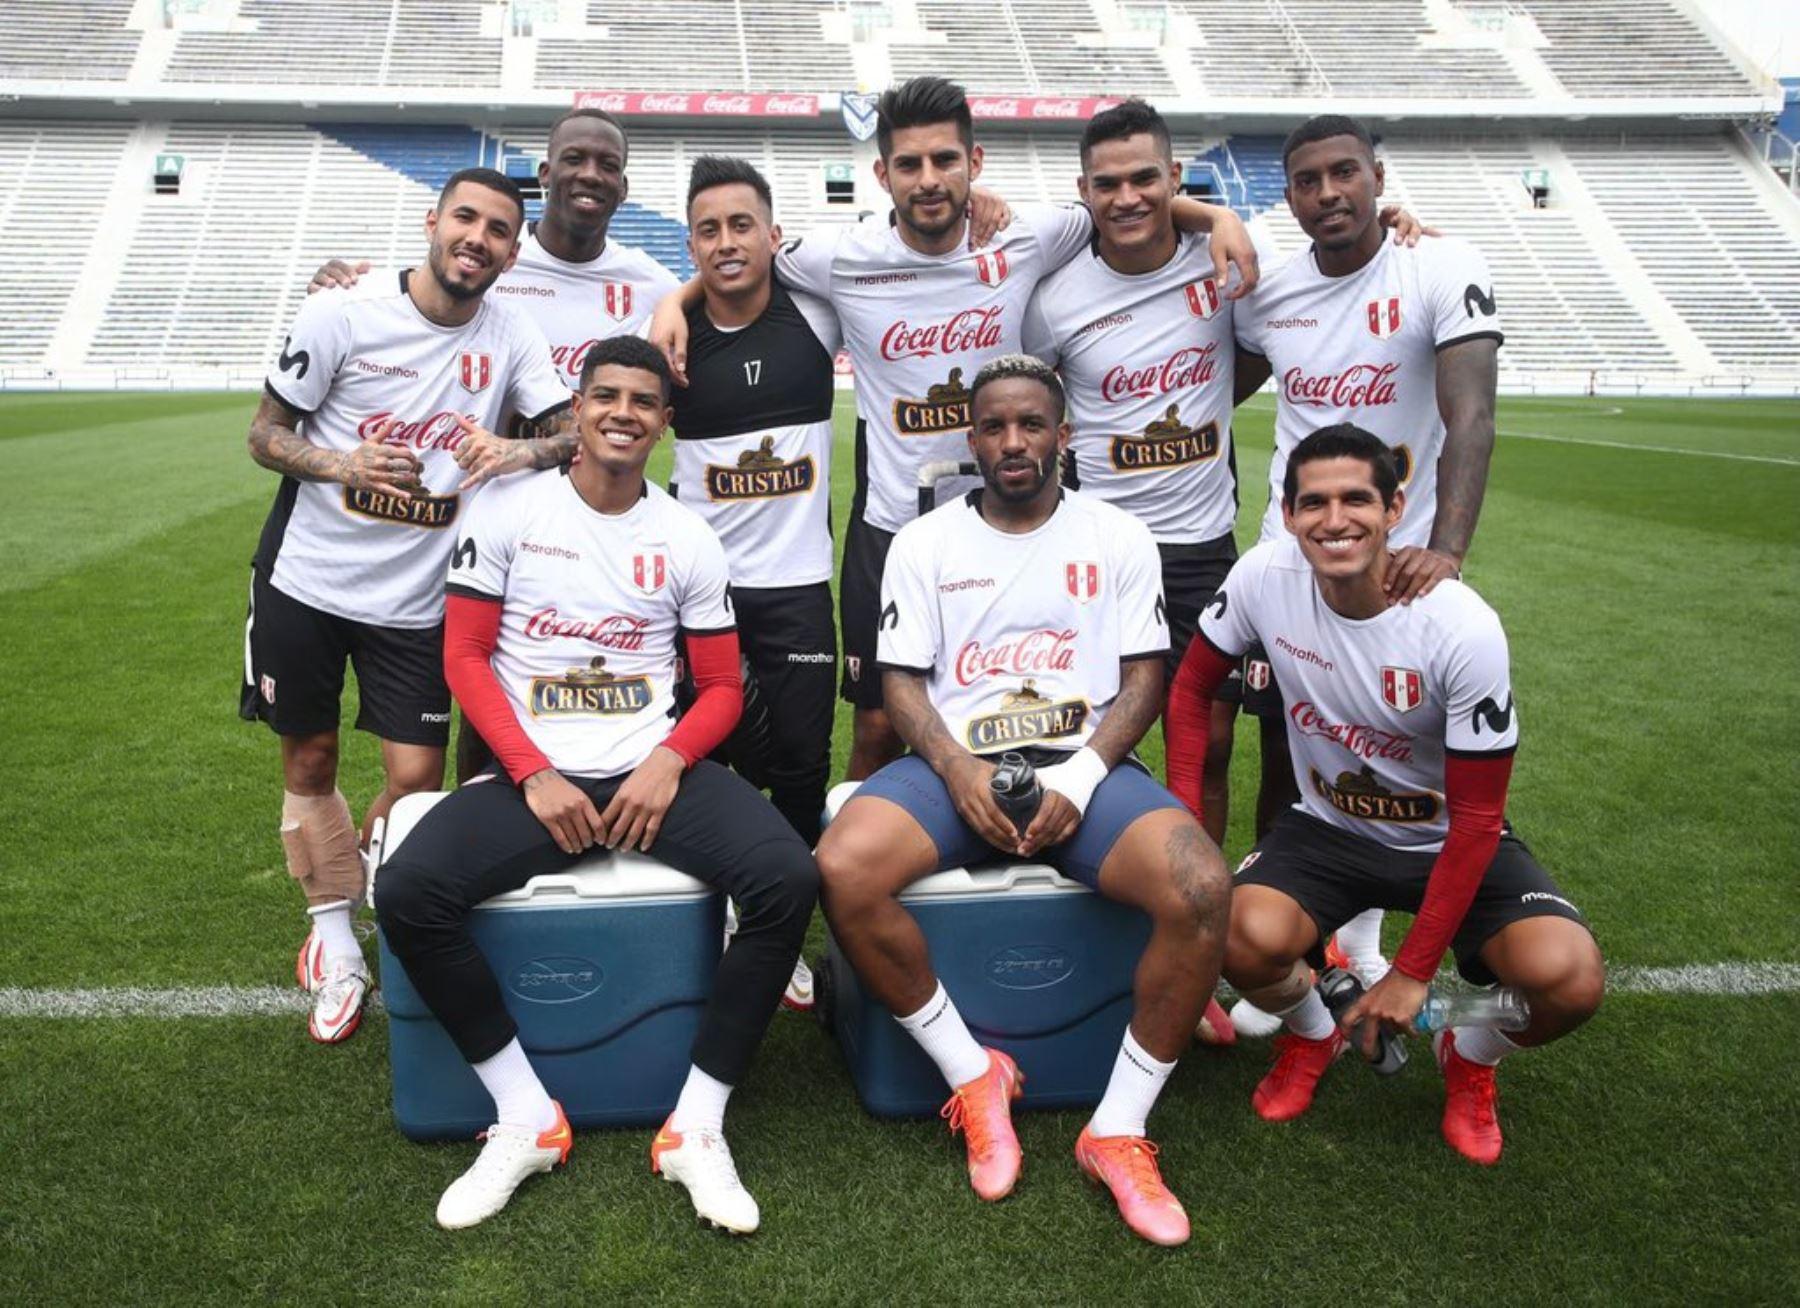 Selección peruana: Optimismo y buen ambiente se vive en las prácticas